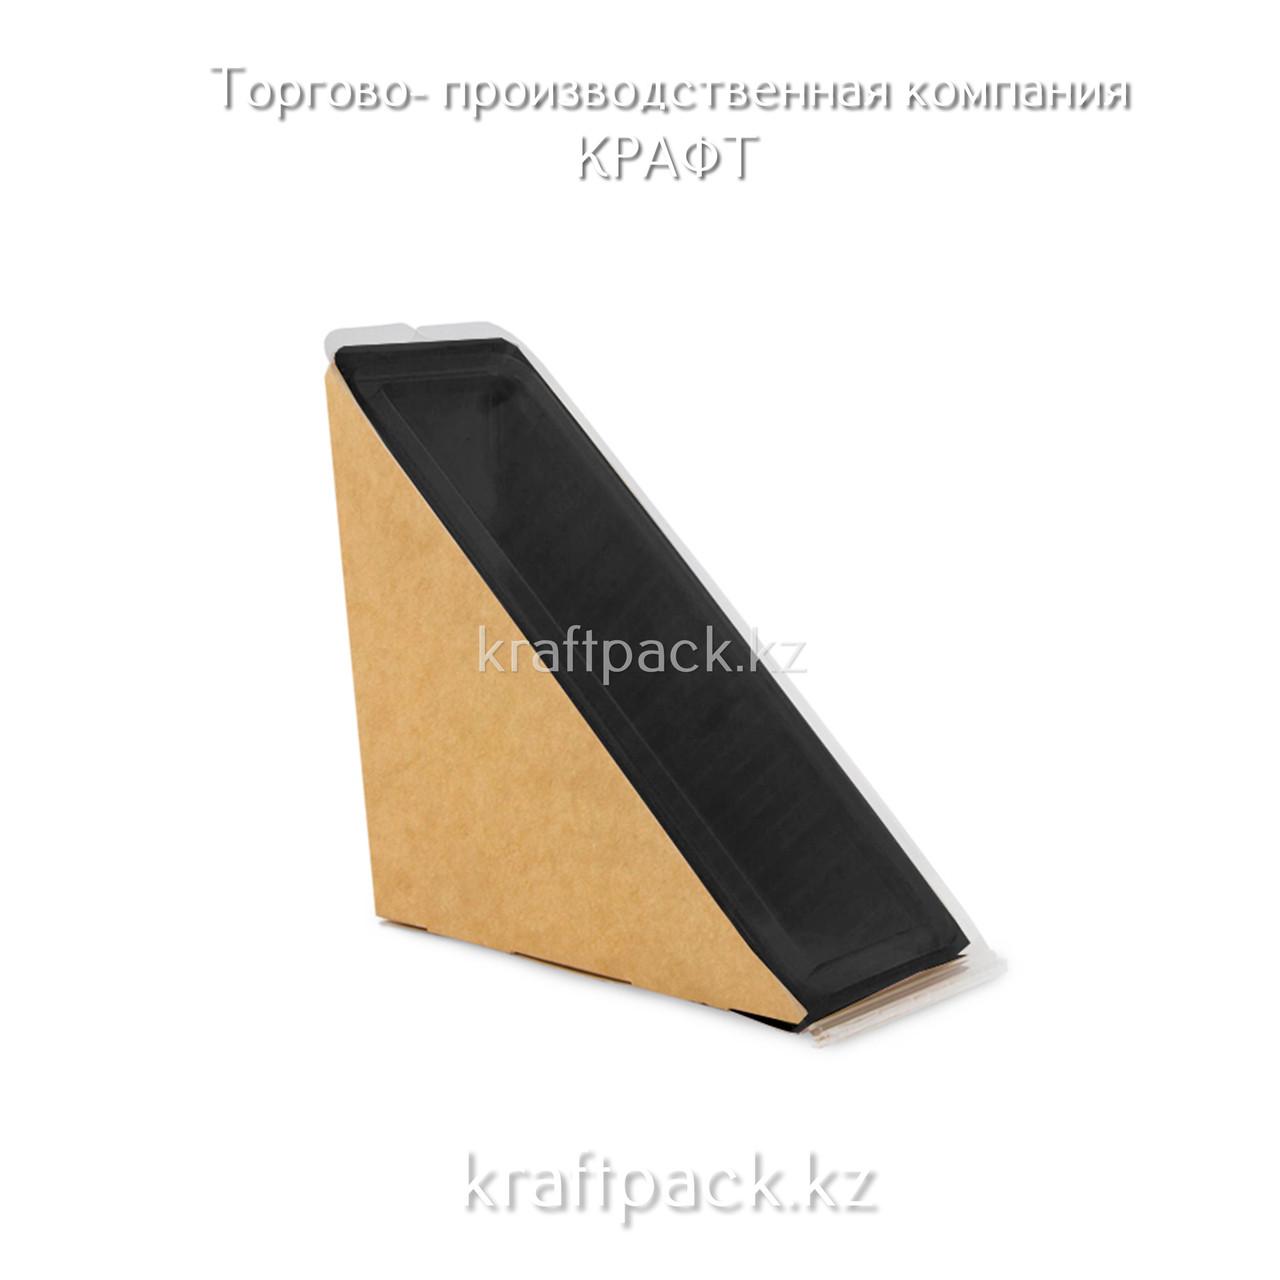 Упаковка ECO OpSandwich 60 Black Edition для сэндвичей/бутербродов (25/700)